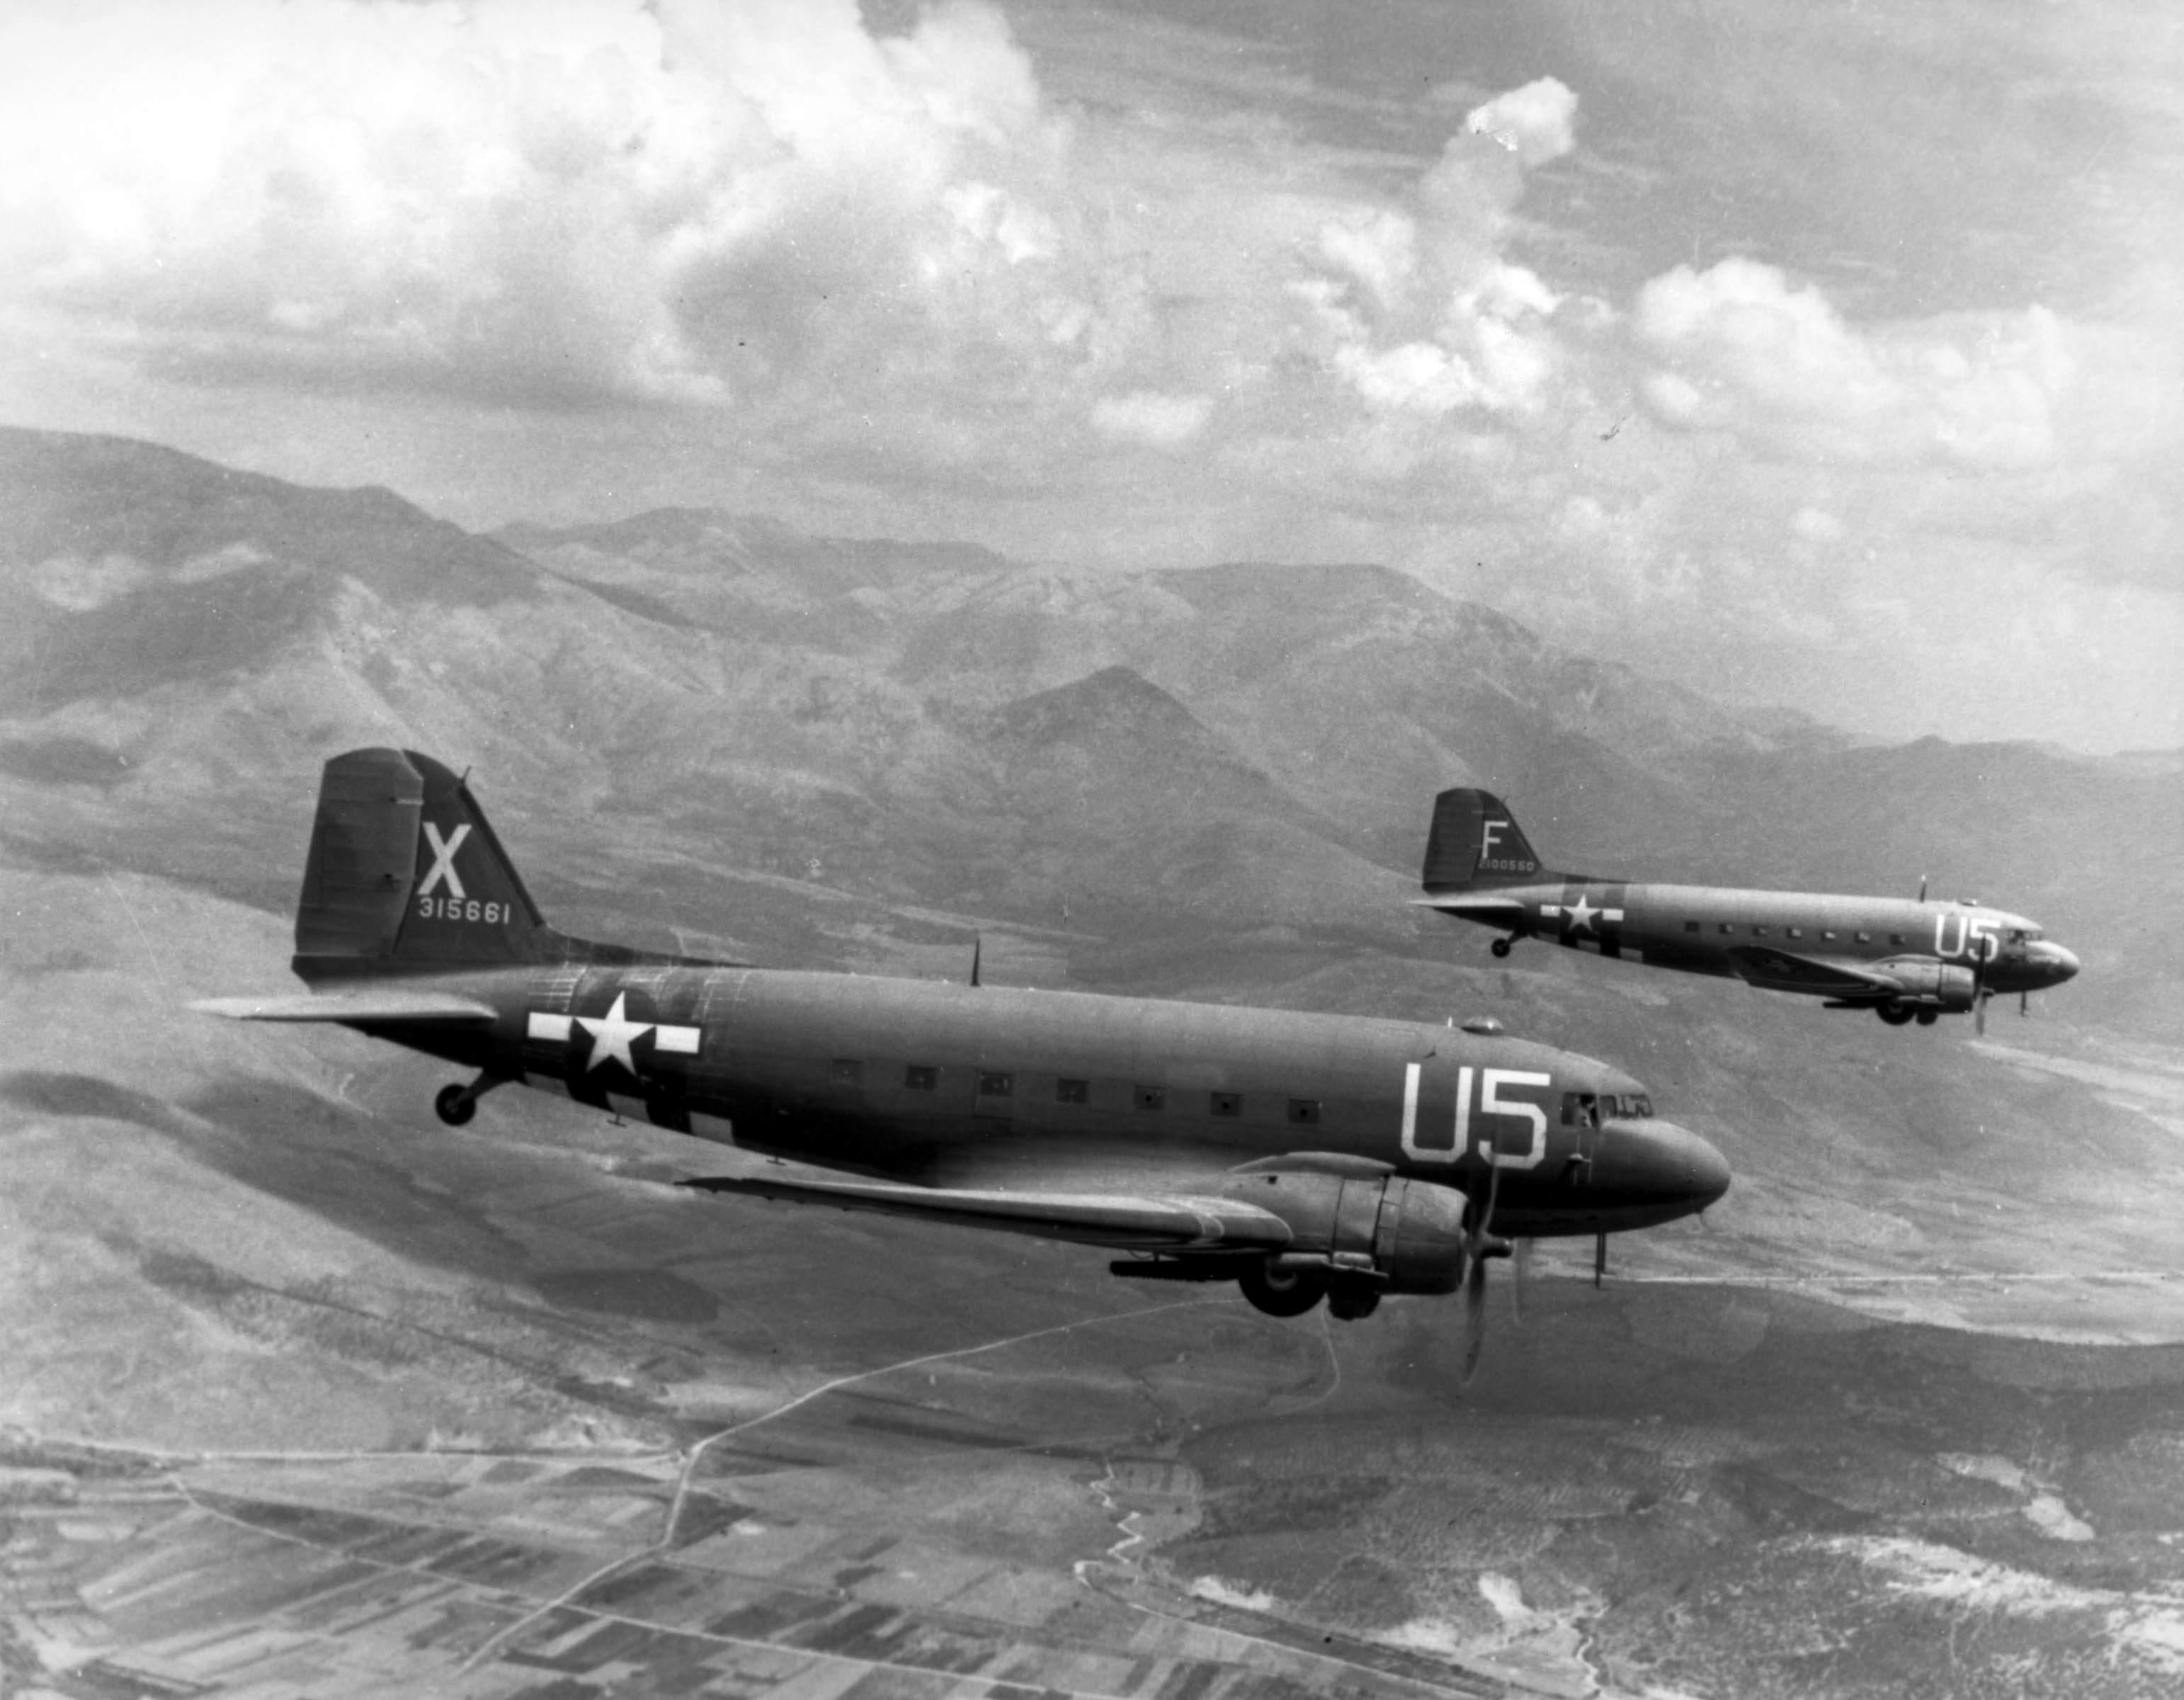 Two USAAF C 47A Skytrains - Deux C-47 du 12th Troop Carrier Wing chargés de parachutistes en route pour l'invasion du sud de la France (Operation Dragoon). Photo prise le 15 Août 1944.